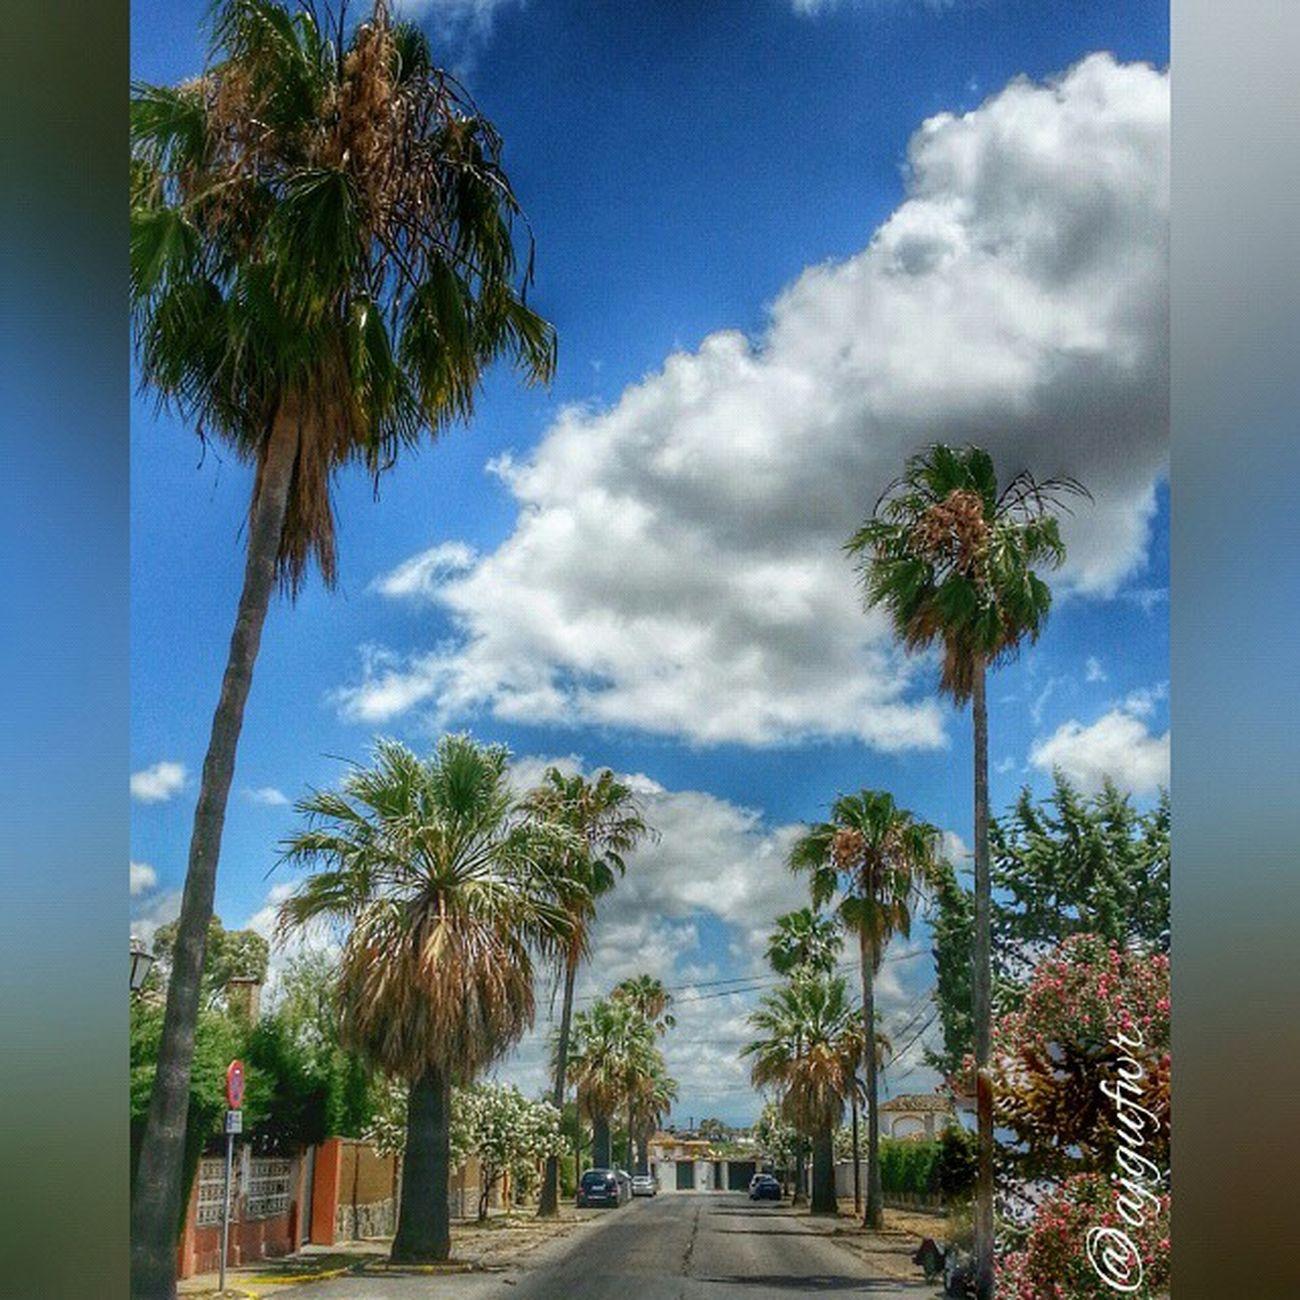 Instashot Instantes_fotograficos Sobrelamarcha Vallealto Elpuerto Elpuertodesantamaria Ok_streets Todoclick Cadizfornia Your_worldcaptures